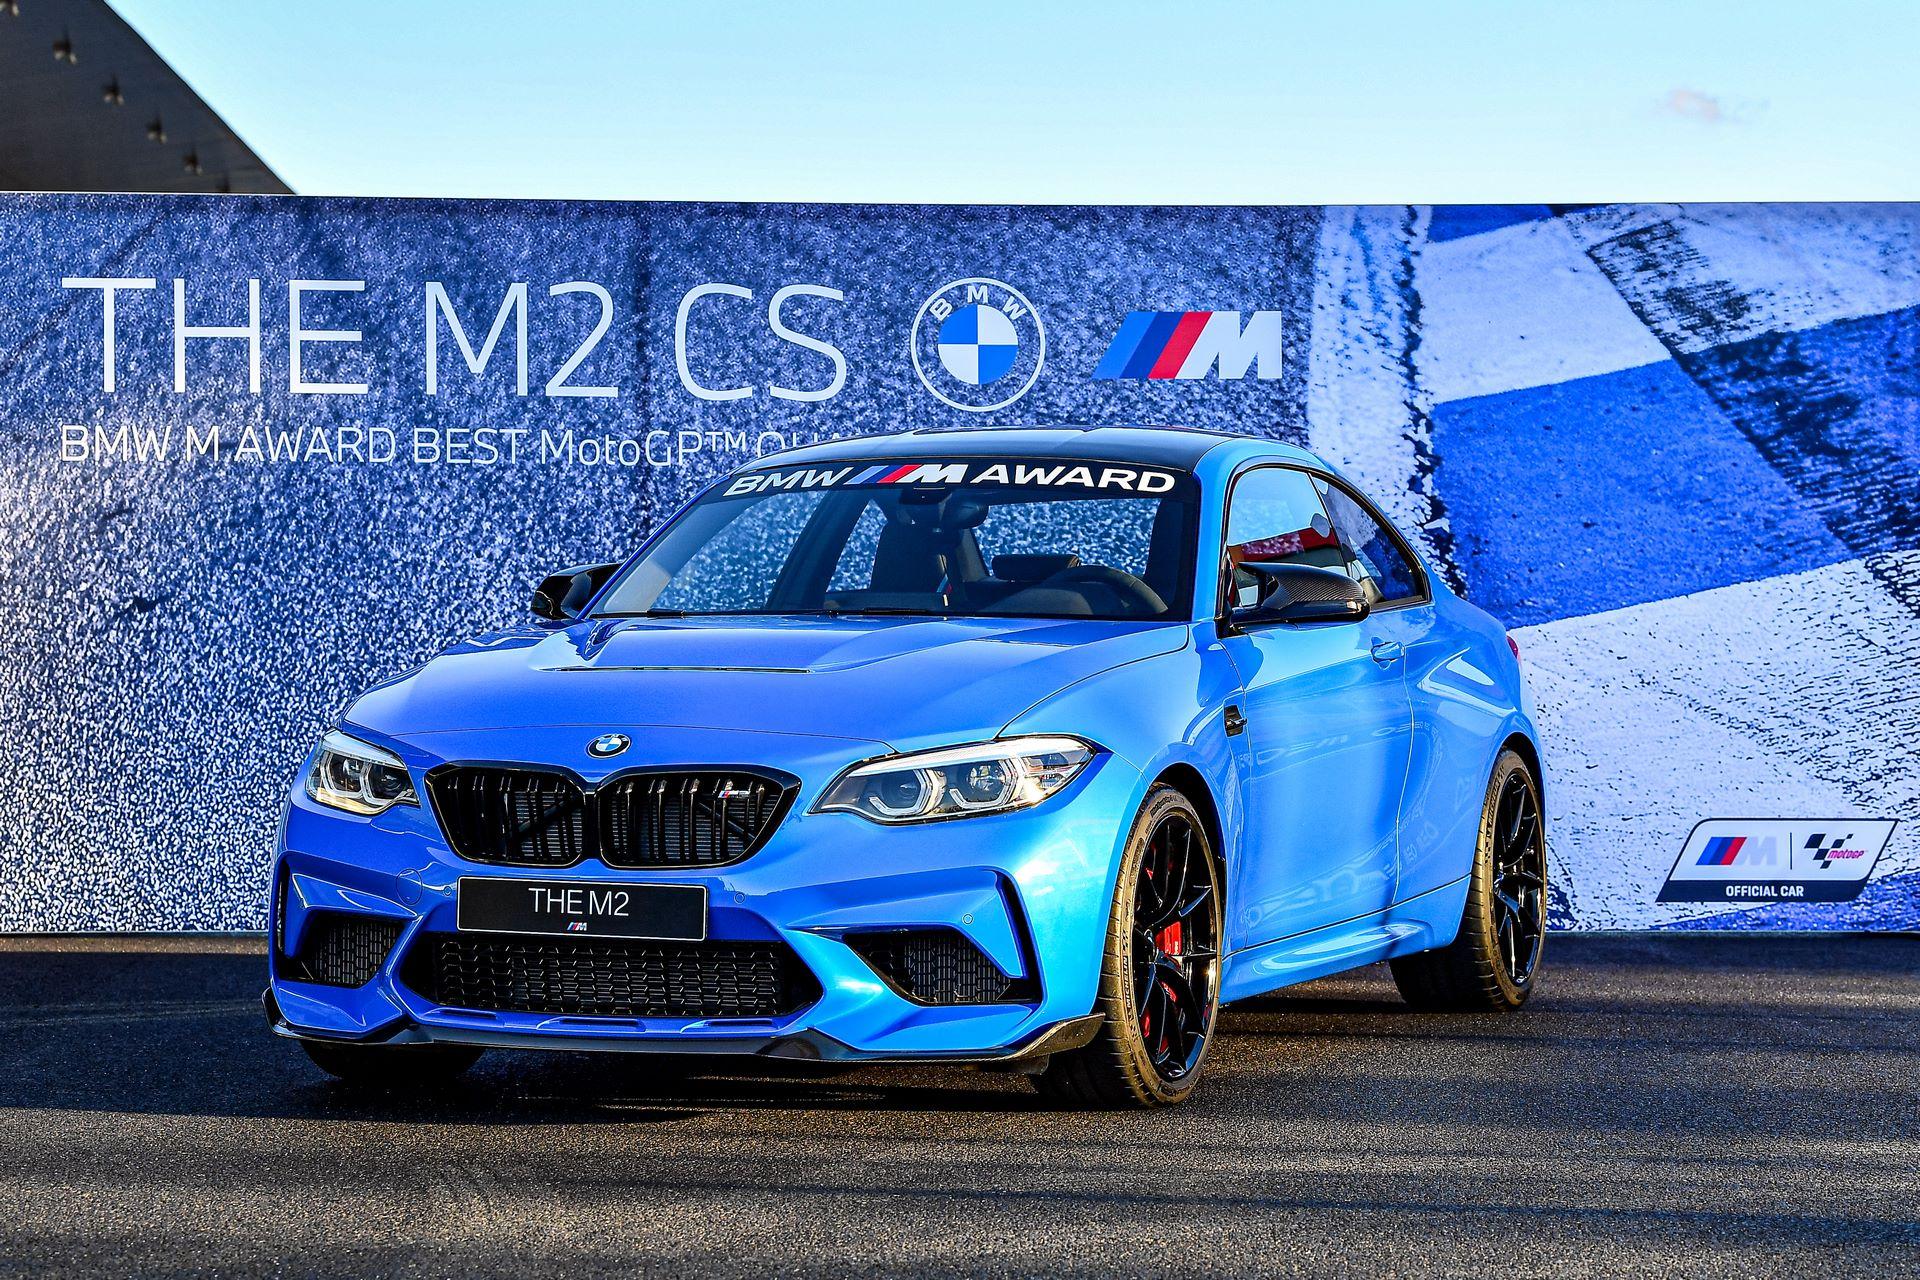 BMW-M2-CS-Fabio-Quartararo-3